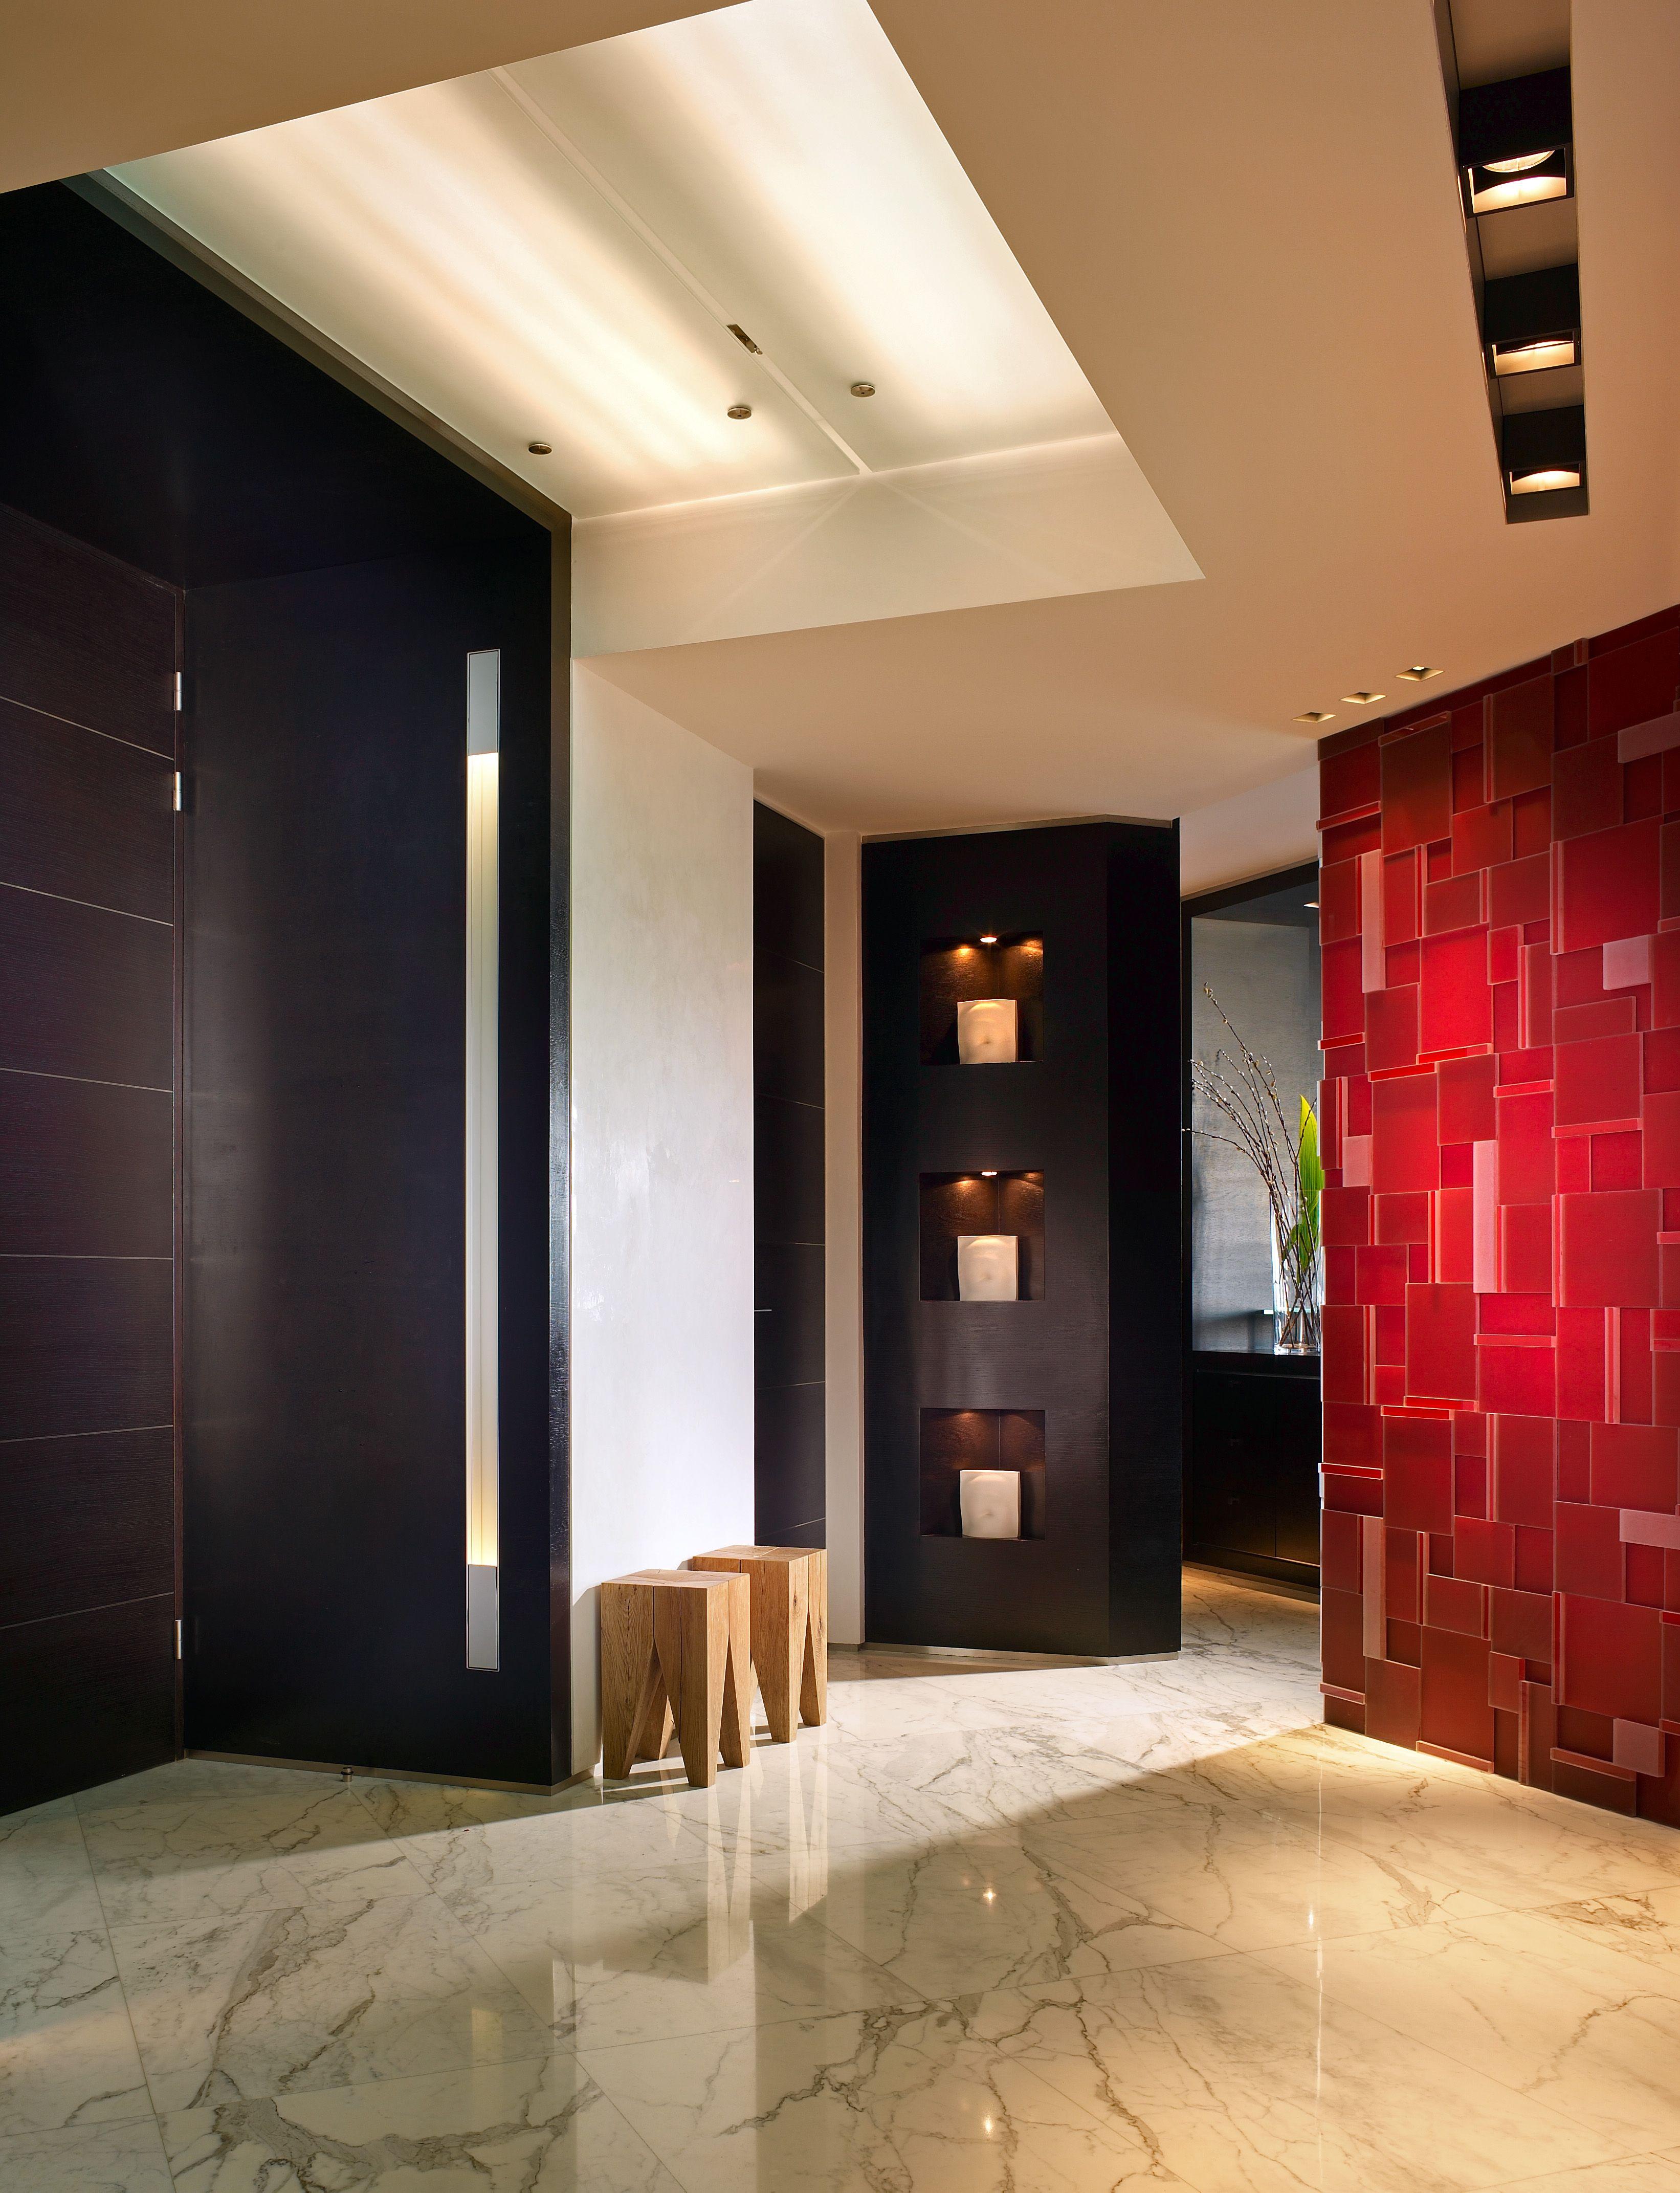 Pepe Calderin Design Modern Interior Designers Manhattan And Miami Fisher  Island Miami Beach Condominium By Interior With Interior Decorator Miami Fl.